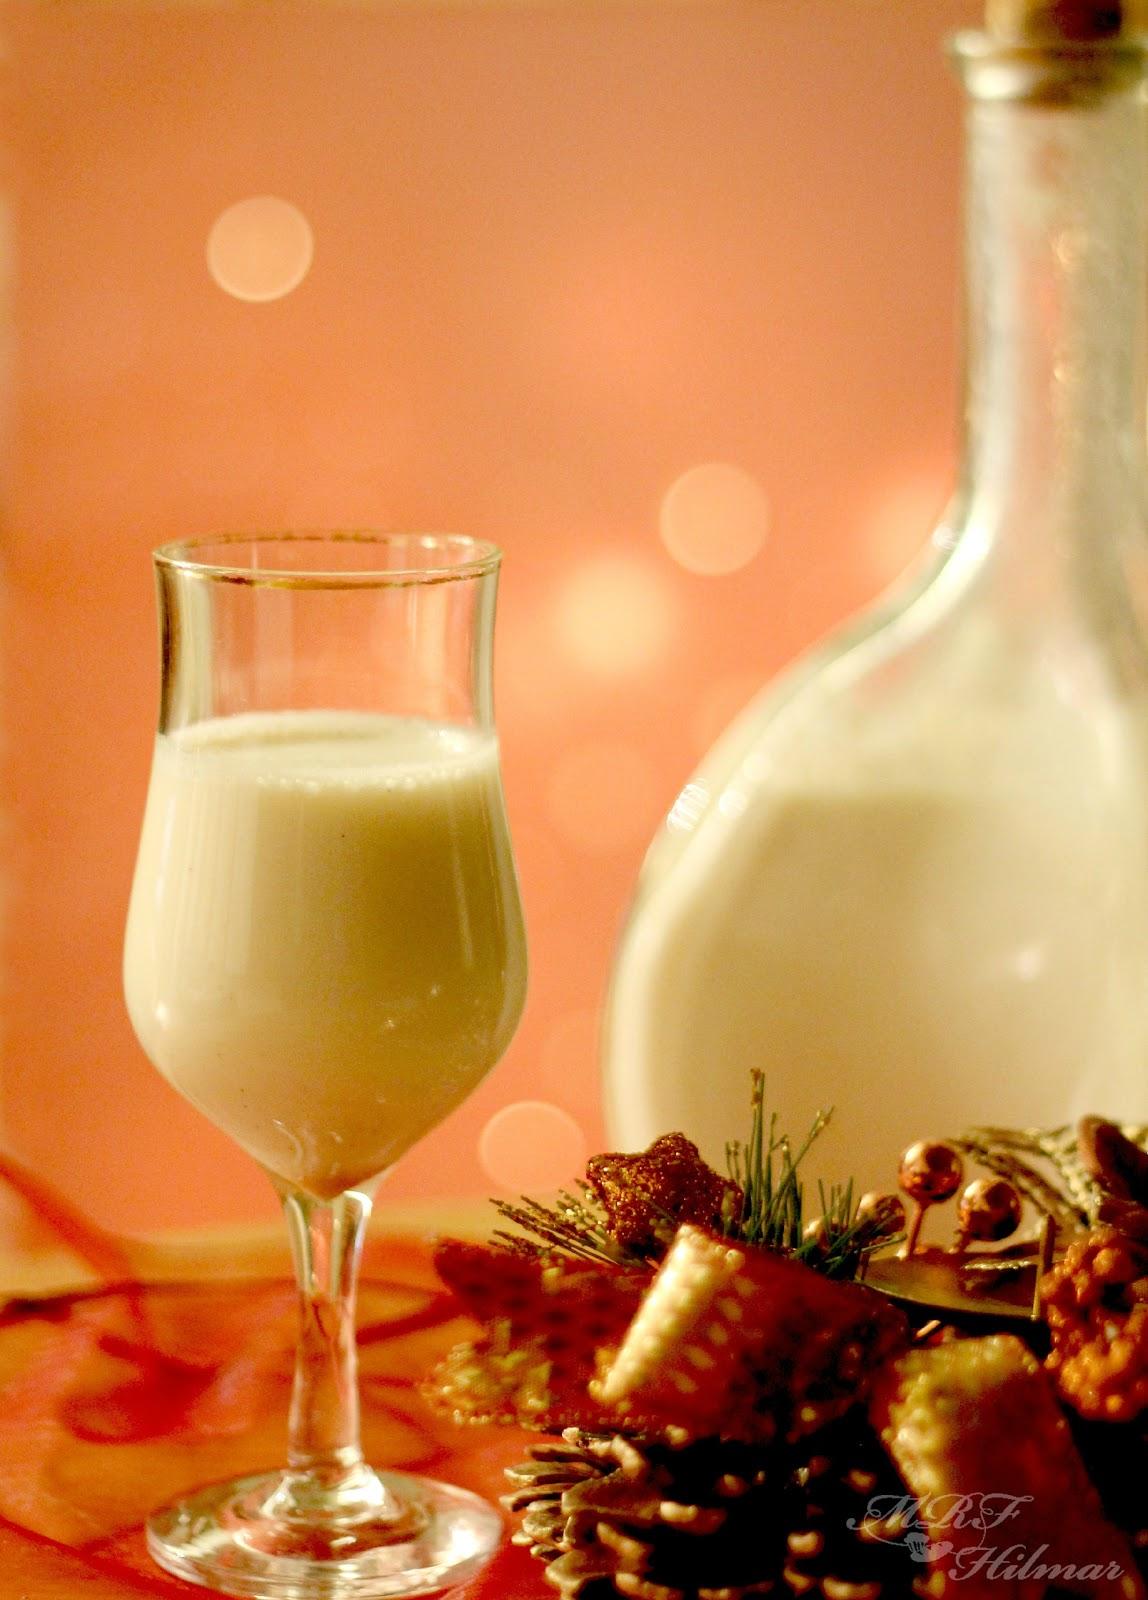 Aqui viene la leche jimmy b style - 3 part 1